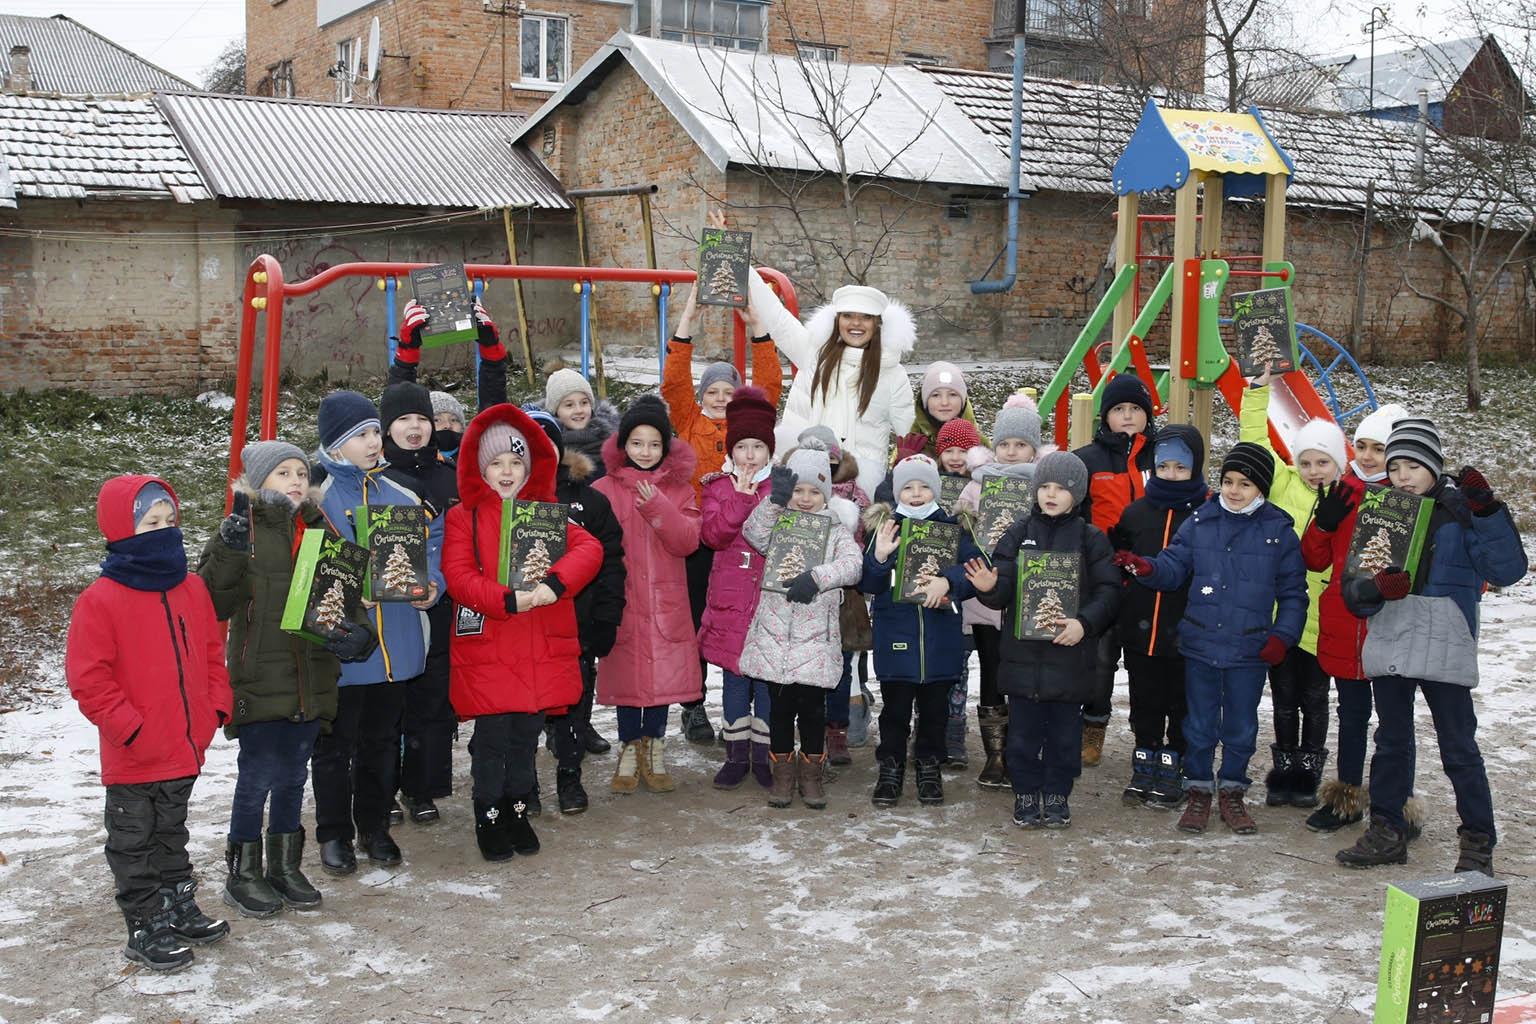 Счастливые улыбки и вдохновленные дети: как прошла встреча Вероники Дидусенко с детьми из неполных и многодетных семей (ФОТО) - фото №1